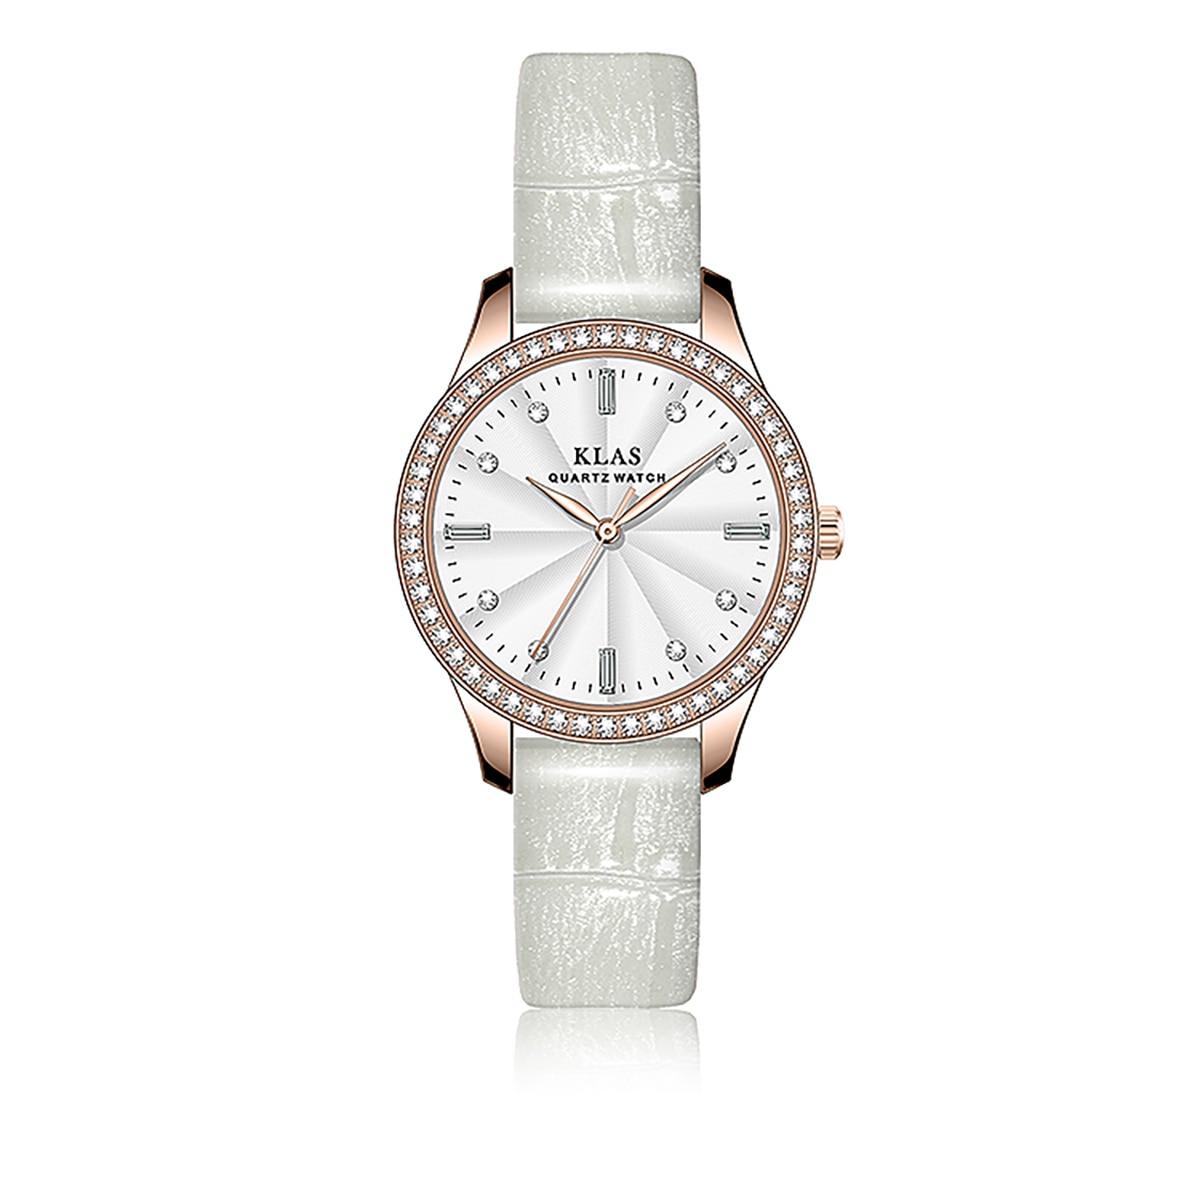 الإبداعية الساخن بيع بسيطة المرأة ساعة كوارتز ساعة تصميم علوي المرأة ساعة الموضة مزاجه KLAS العلامة التجارية